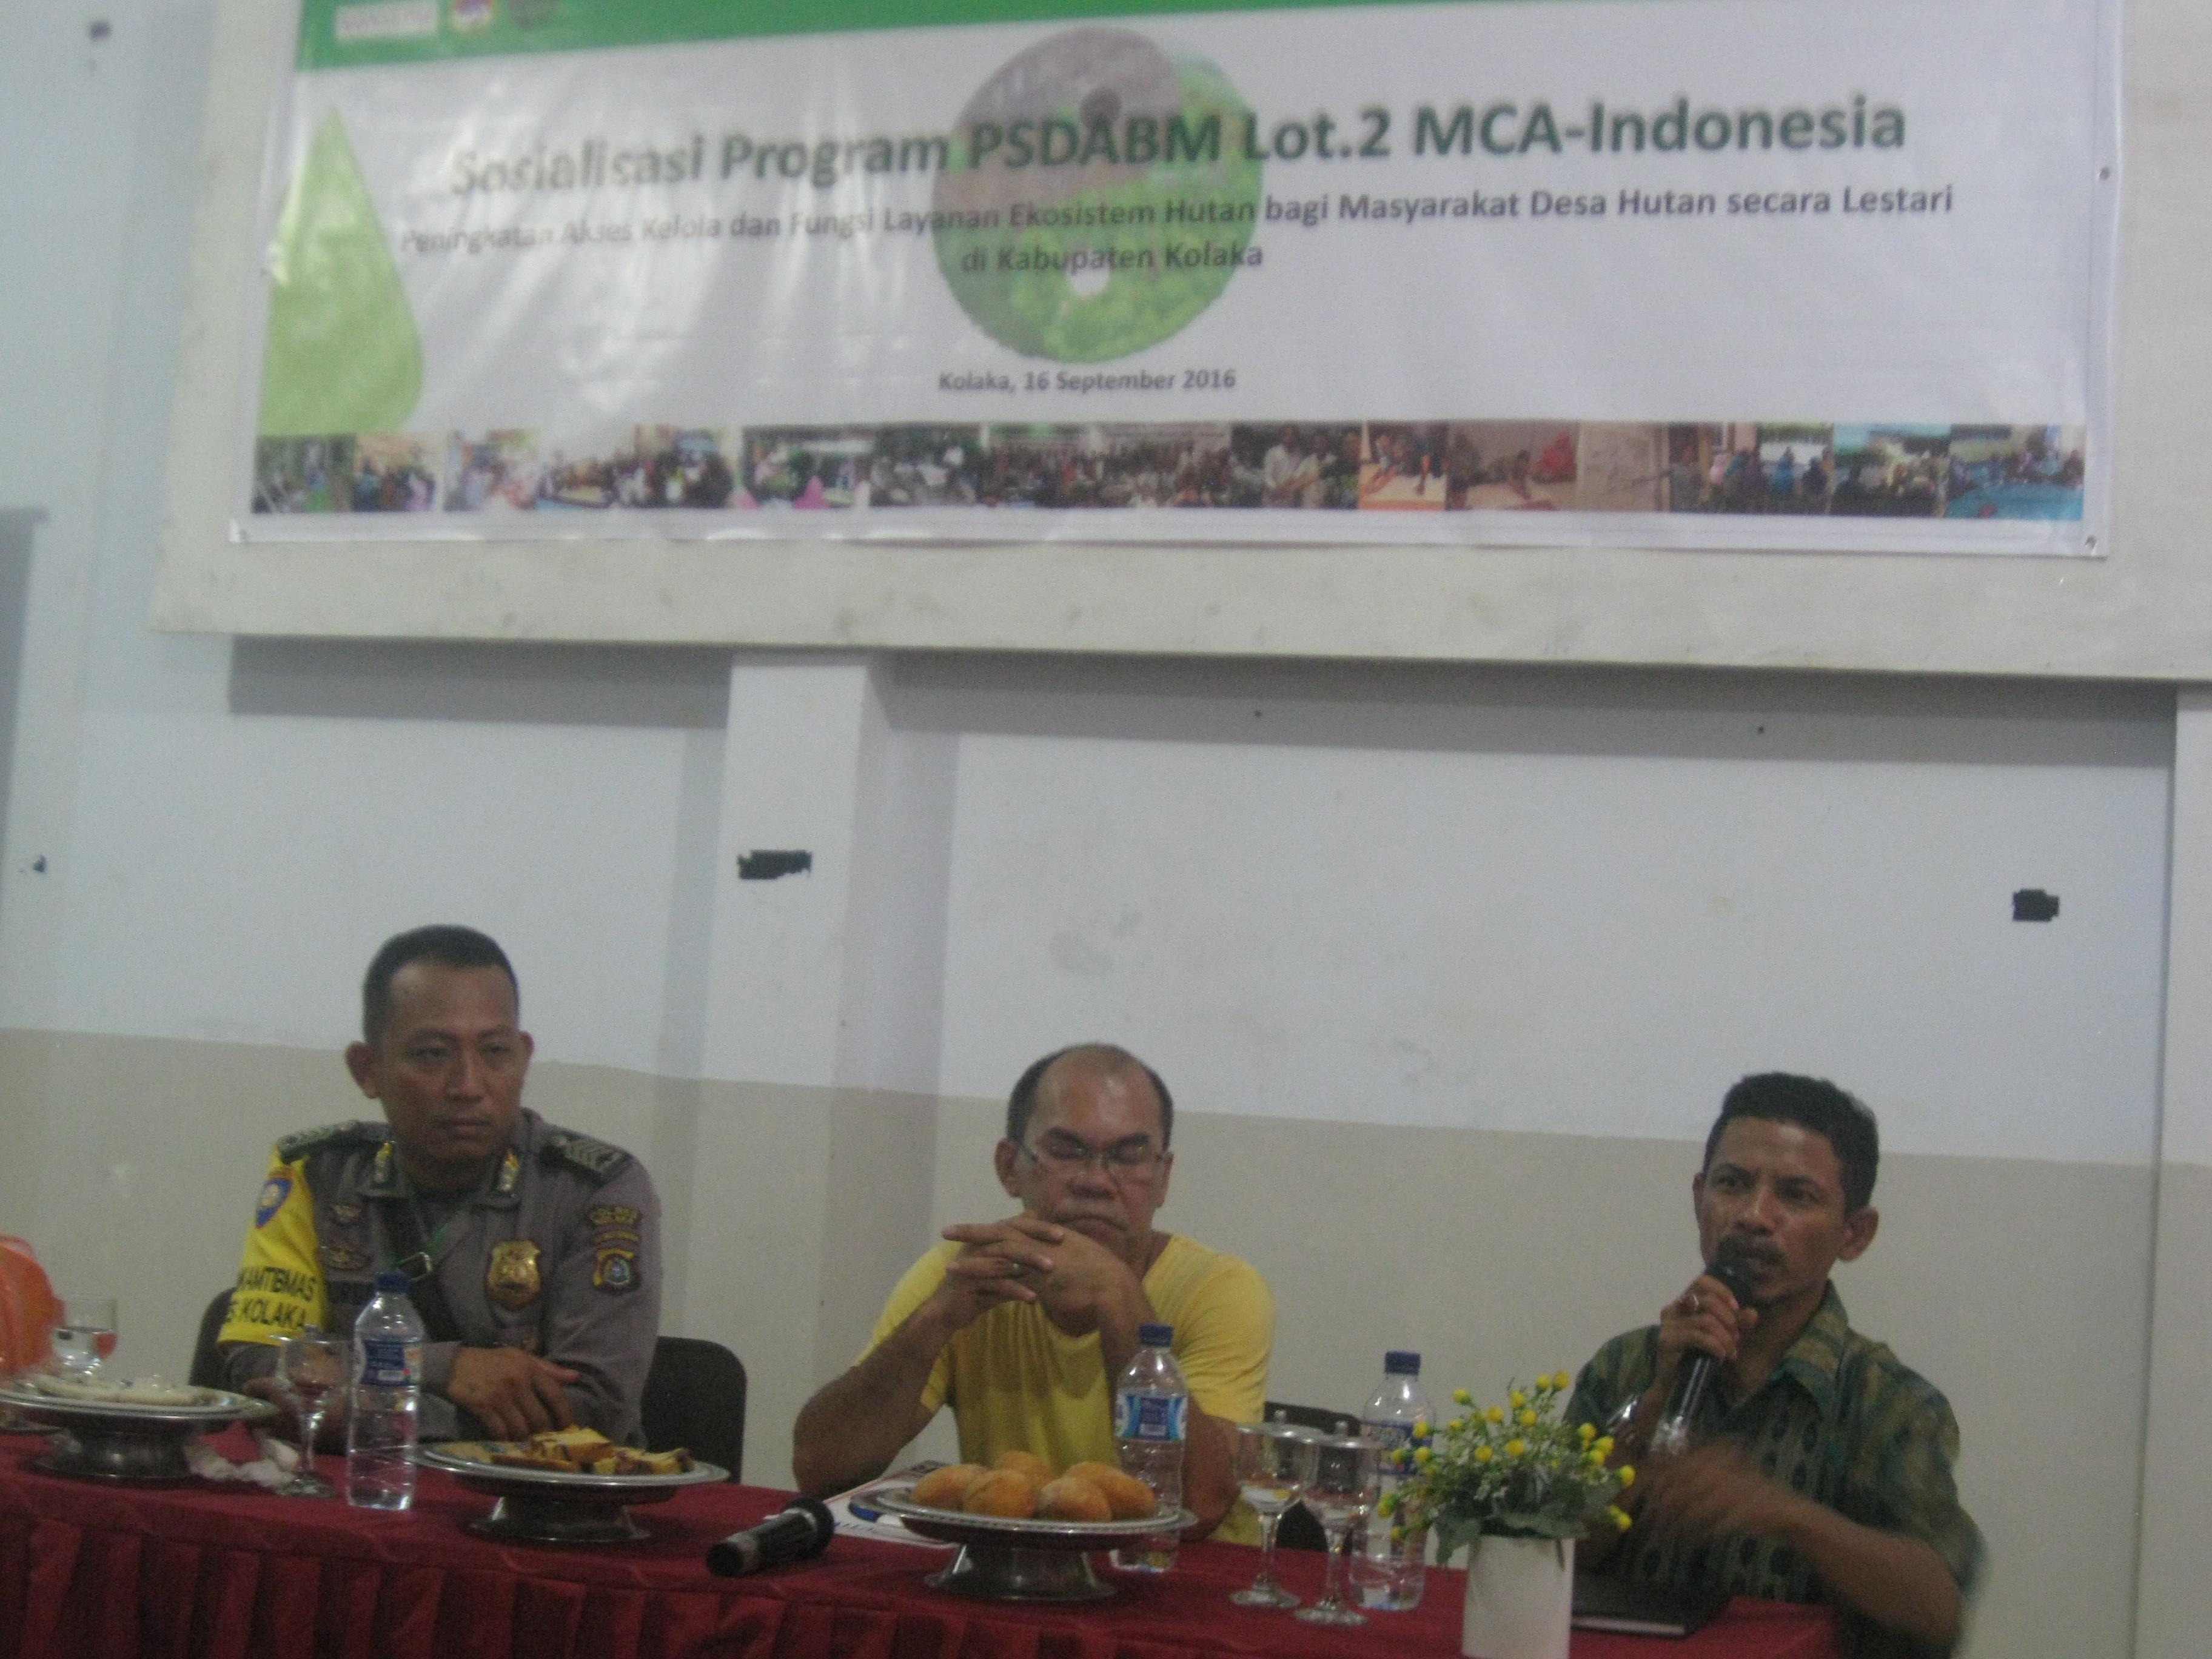 Laode Mangki Korwil PSDABM di Sakuli Kolaka Sulawesi Tenggara